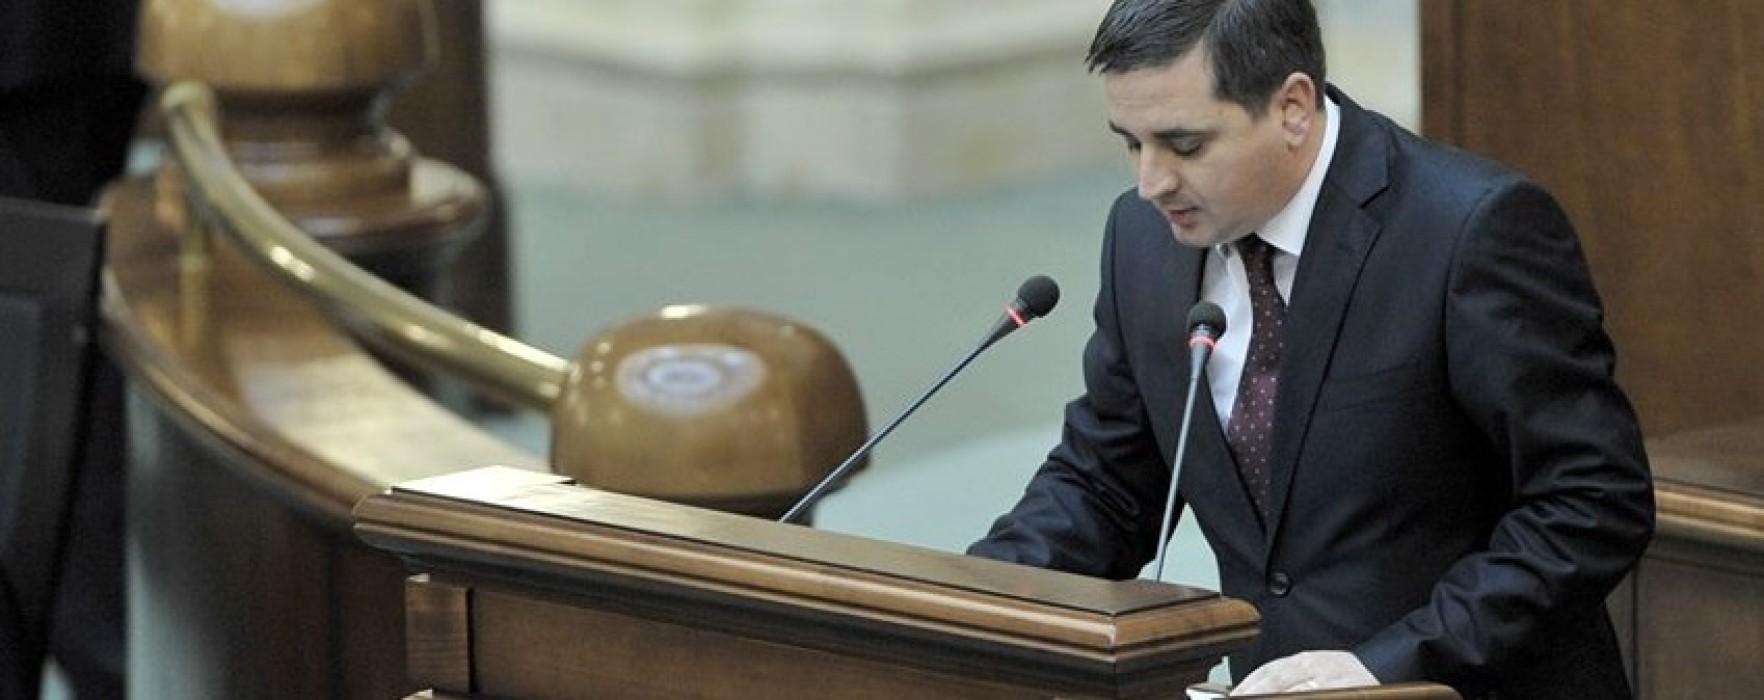 Senatorul Ovidiu Isăilă şi-a dat demisia din grupul parlamentar al PDL şi va activa în PSD